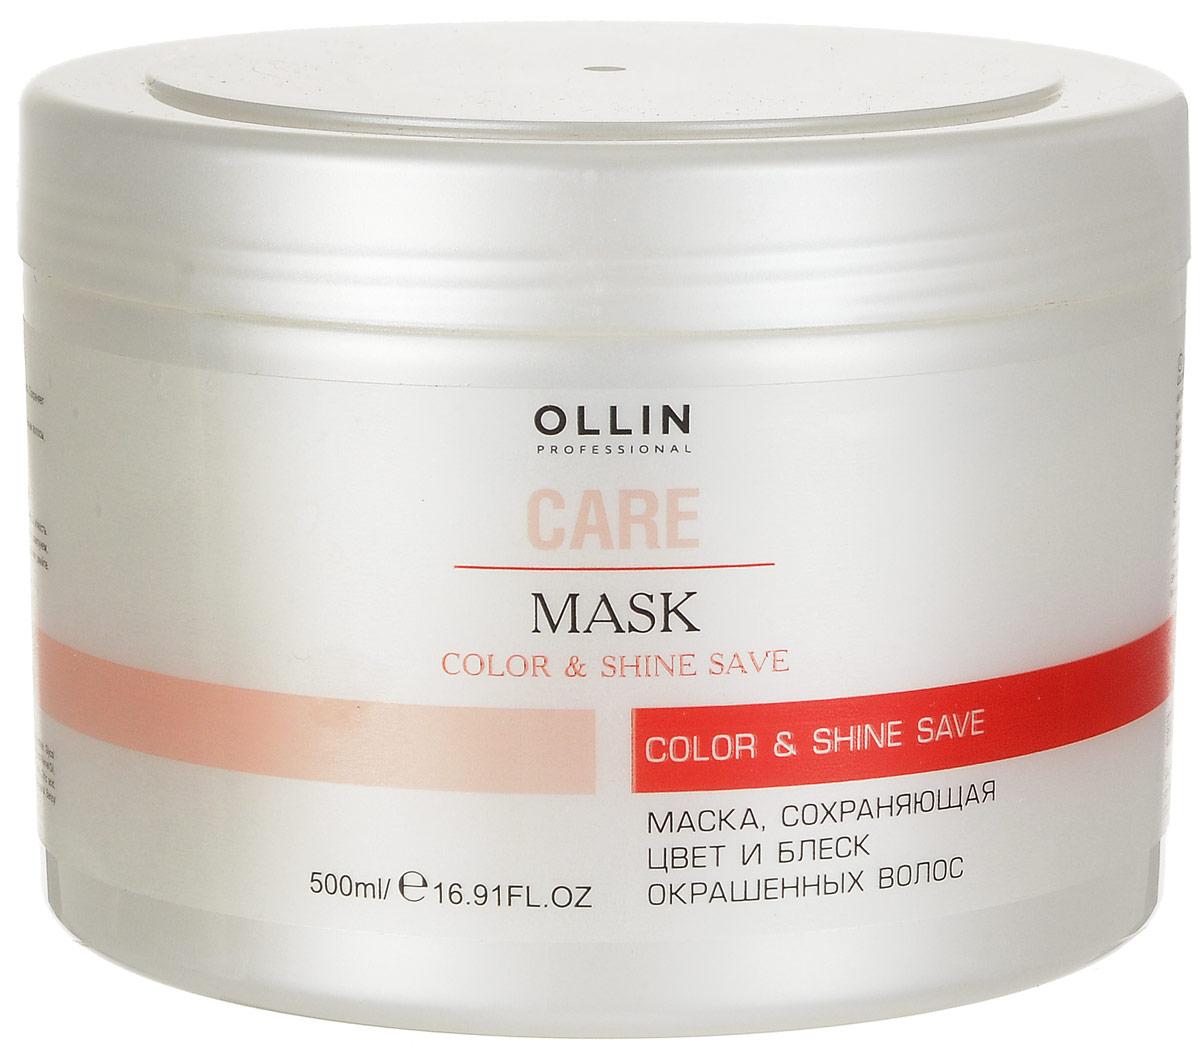 Ollin Маска, сохраняющая цвет и блеск окрашенных волос Care Color and Shine Save Mask 500 мл721296Маска сохраняющая цвет и блеск окрашенных волос Ollin Care Color&Shine Save Mask предотвращает преждевременное вымывание цвета с пористых и повреждённых волос. Кондиционирует, увлажняет и возвращает волосам эластичность и мягкость. Волосы становятся гладкими и блестящими, хорошо расчёсываются. Активные компоненты: Экстракт руибоса нормализует работу сальных желез, оказывает антиоксидантное и бактерицидное действие. Активный увлажняющий агент сохраняет насыщенный цвет, улучшает структуру волос.